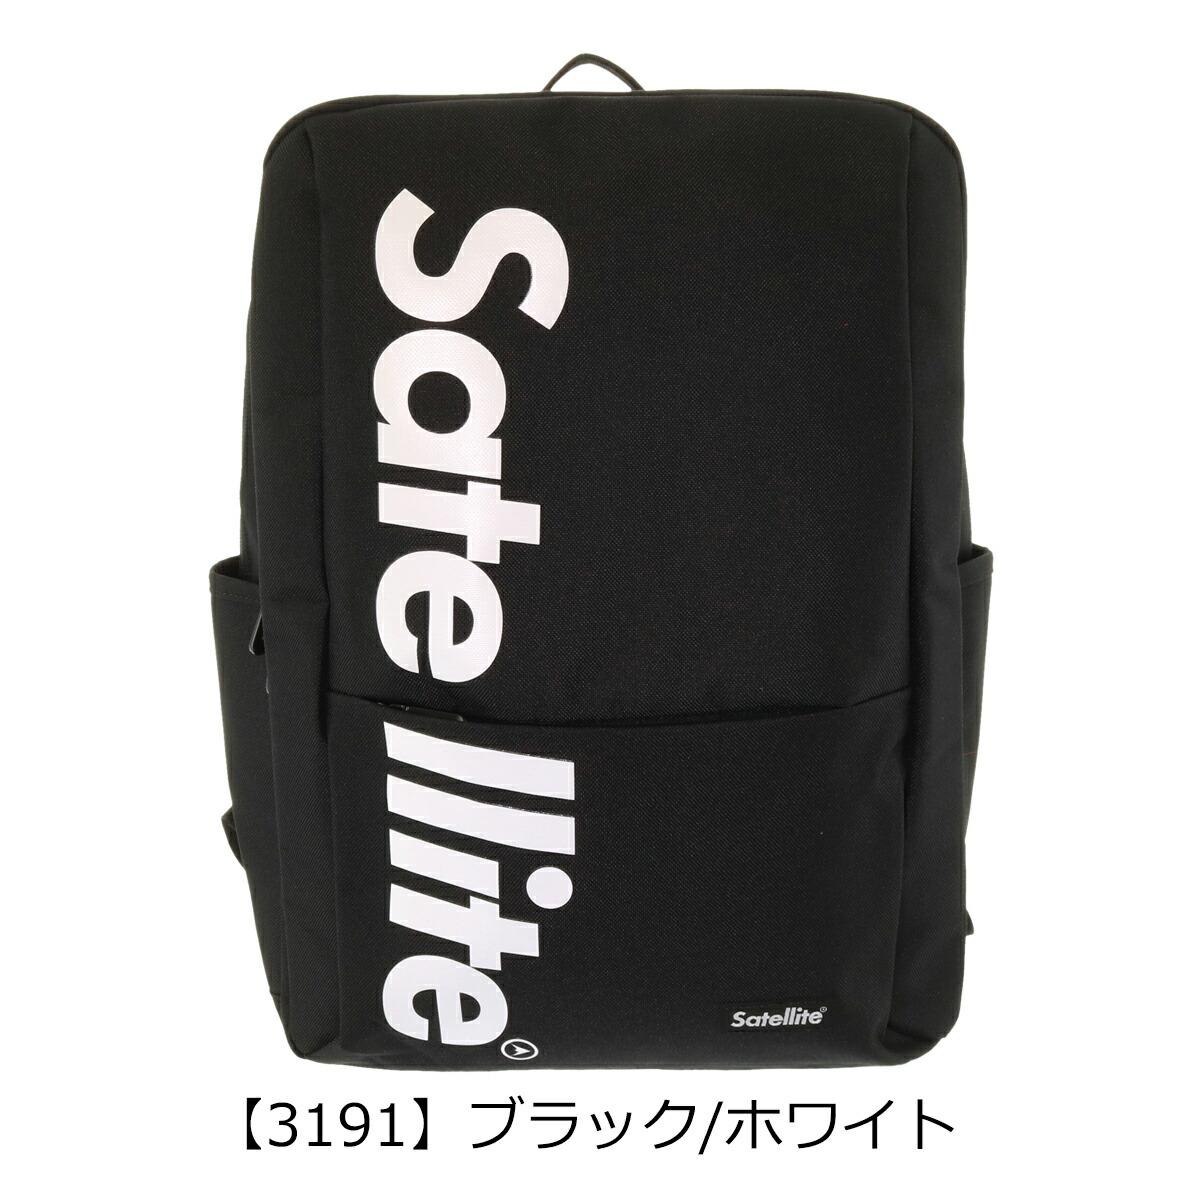 【3191】ブラック/ホワイト